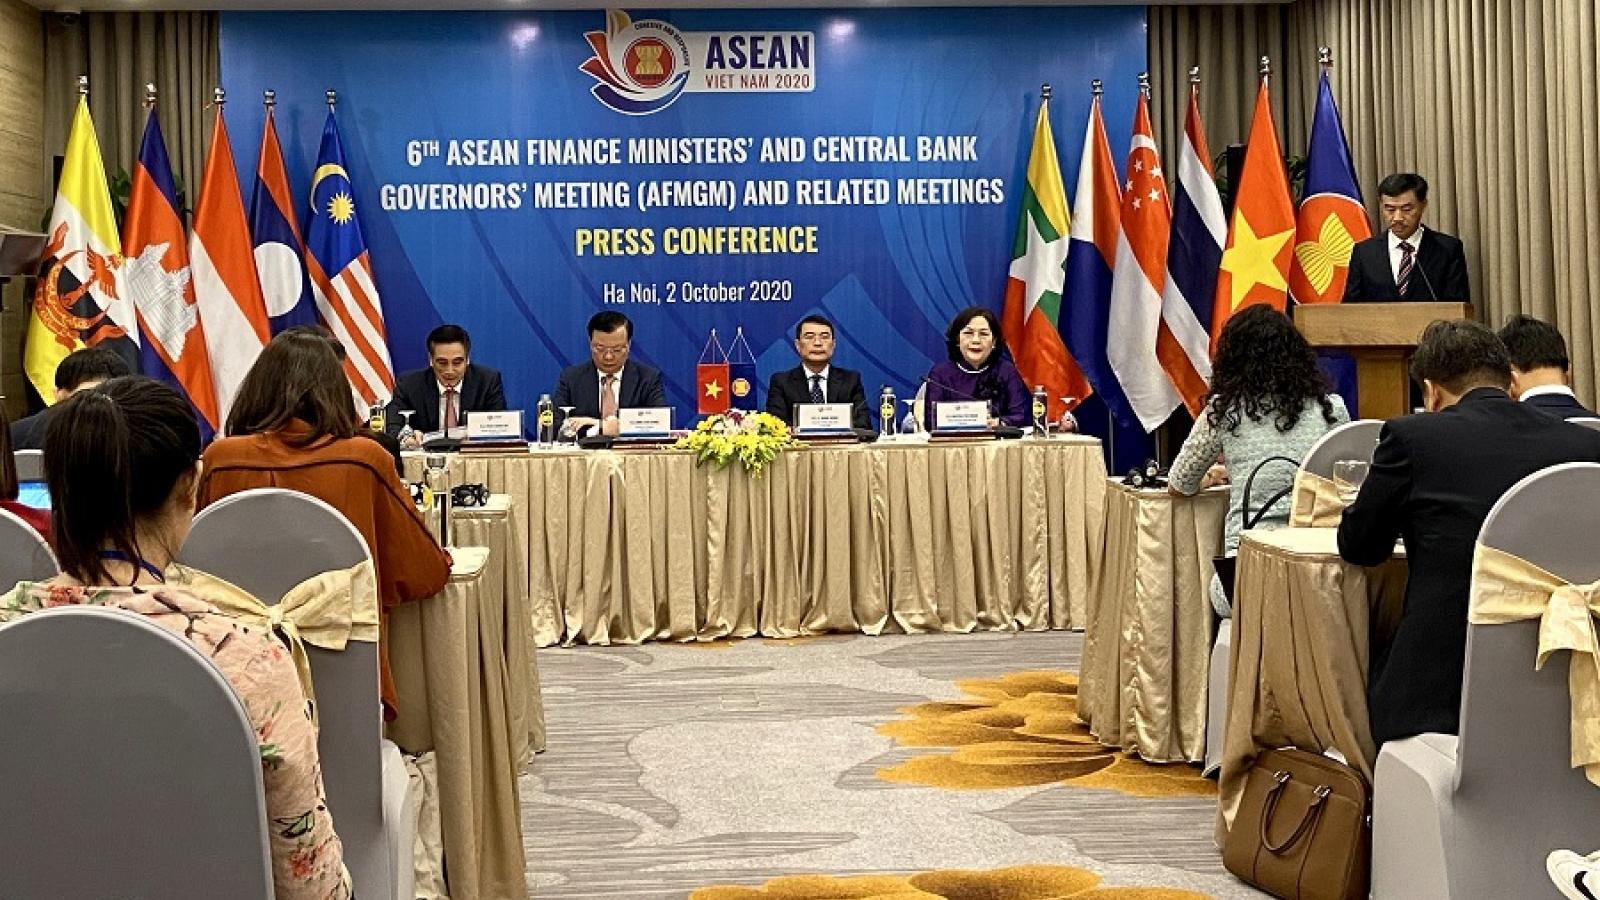 ASEAN 2020: Hợp tác tài chính khu vực, thúc đẩy hồi phục kinh tế và phát triển bền vững